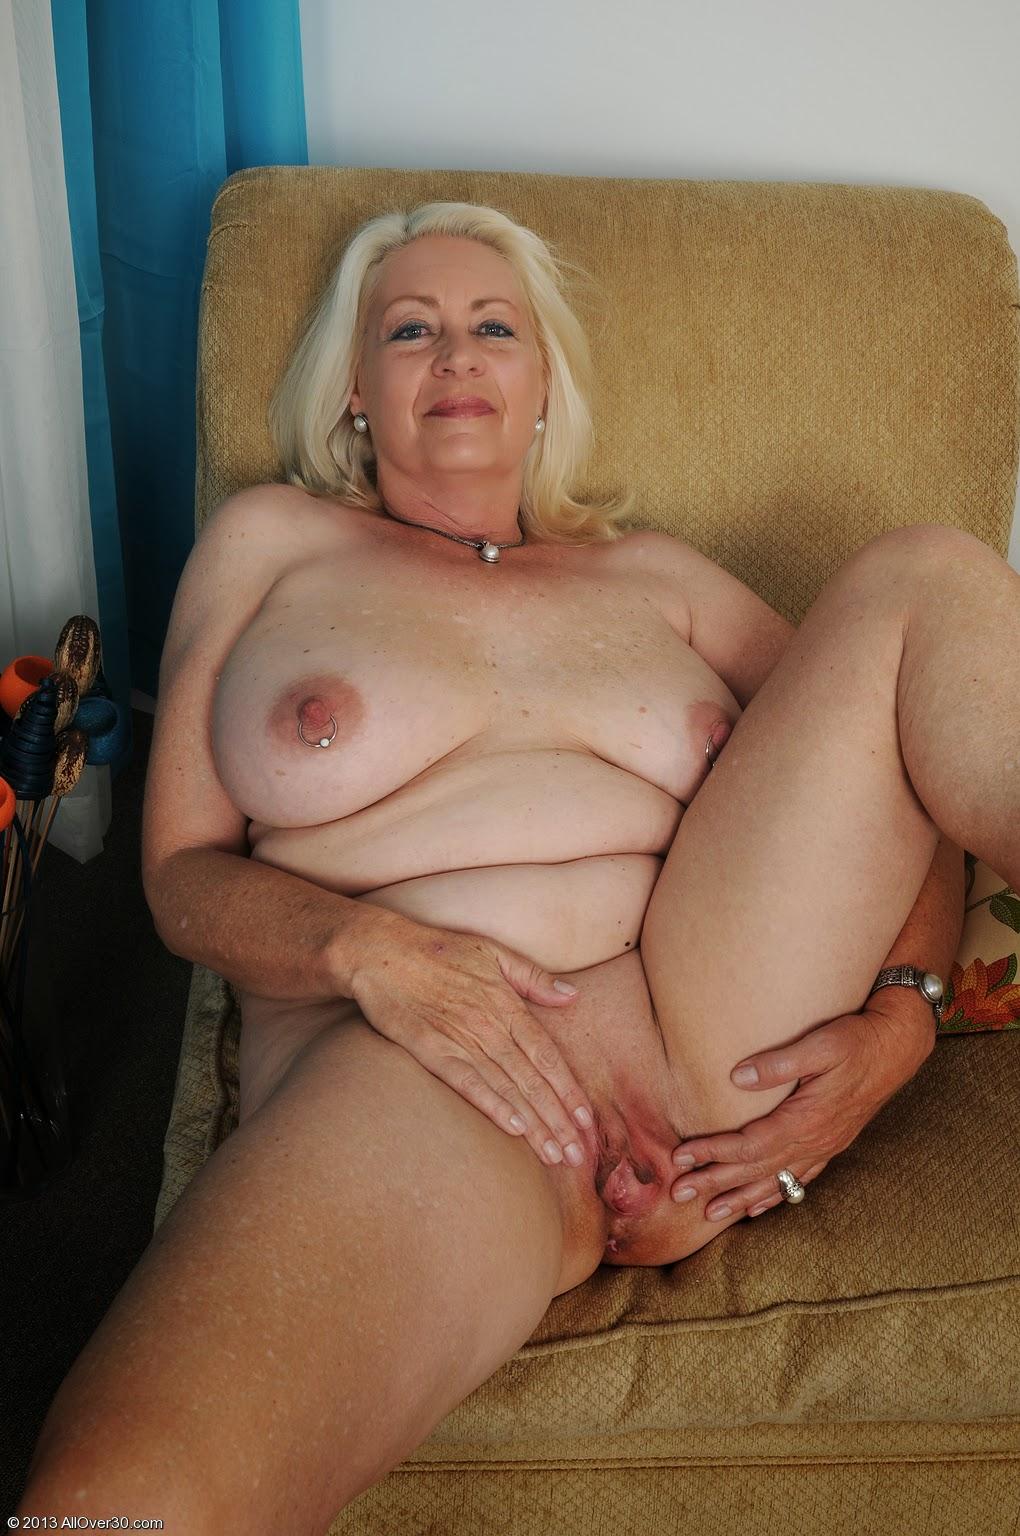 Смотреть онлайн порно ролики про бабушек 13 фотография